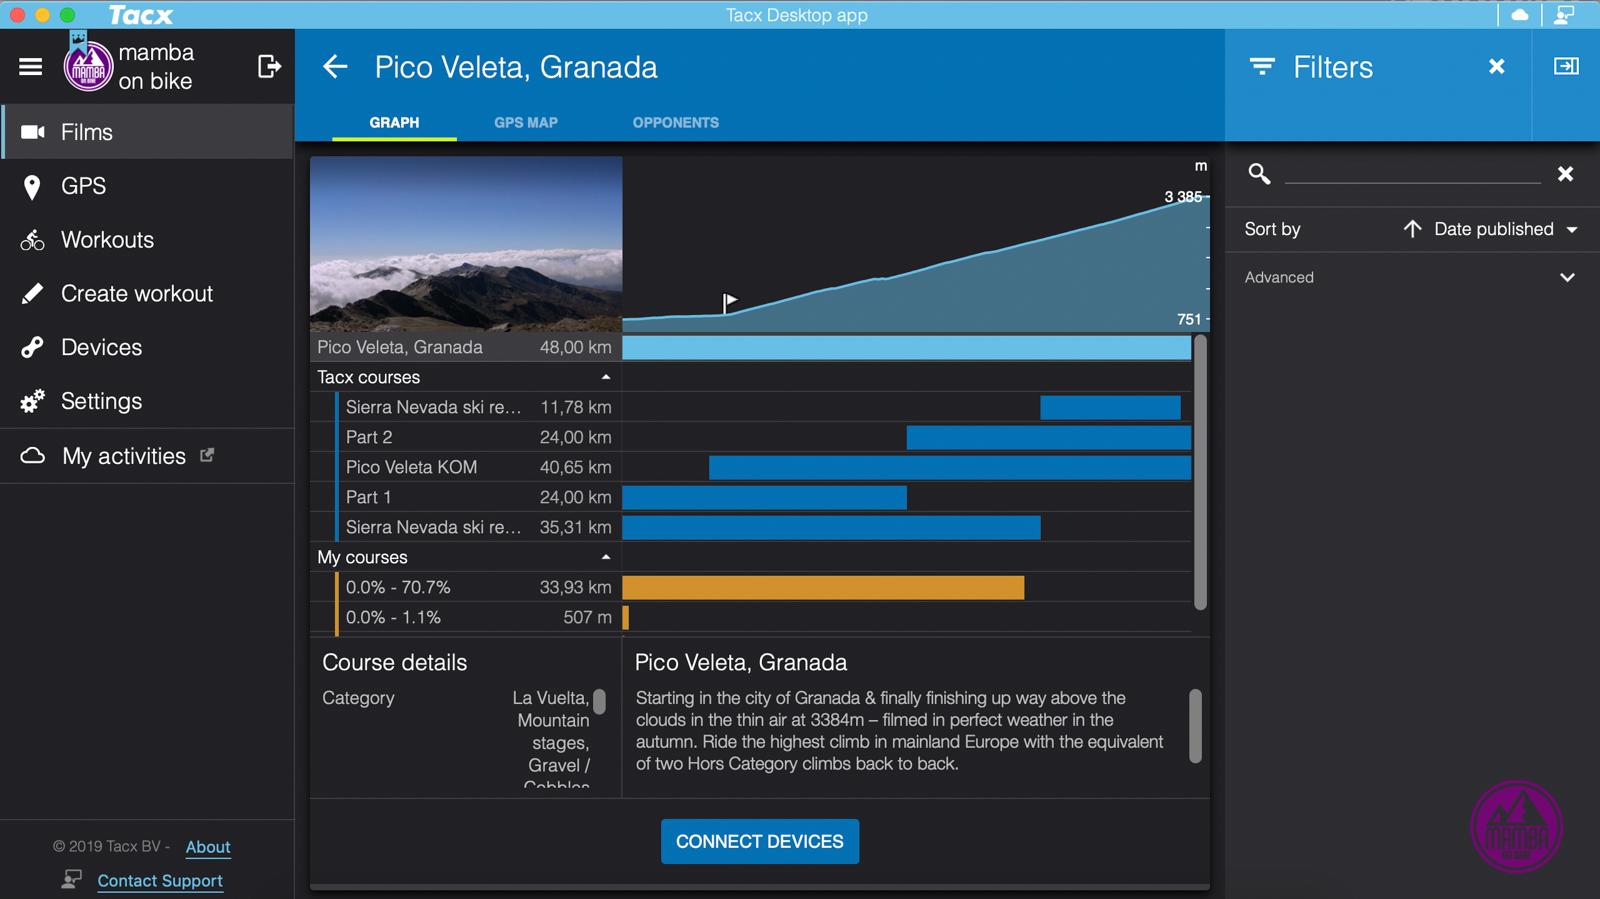 Tacx Desktop App - Pico